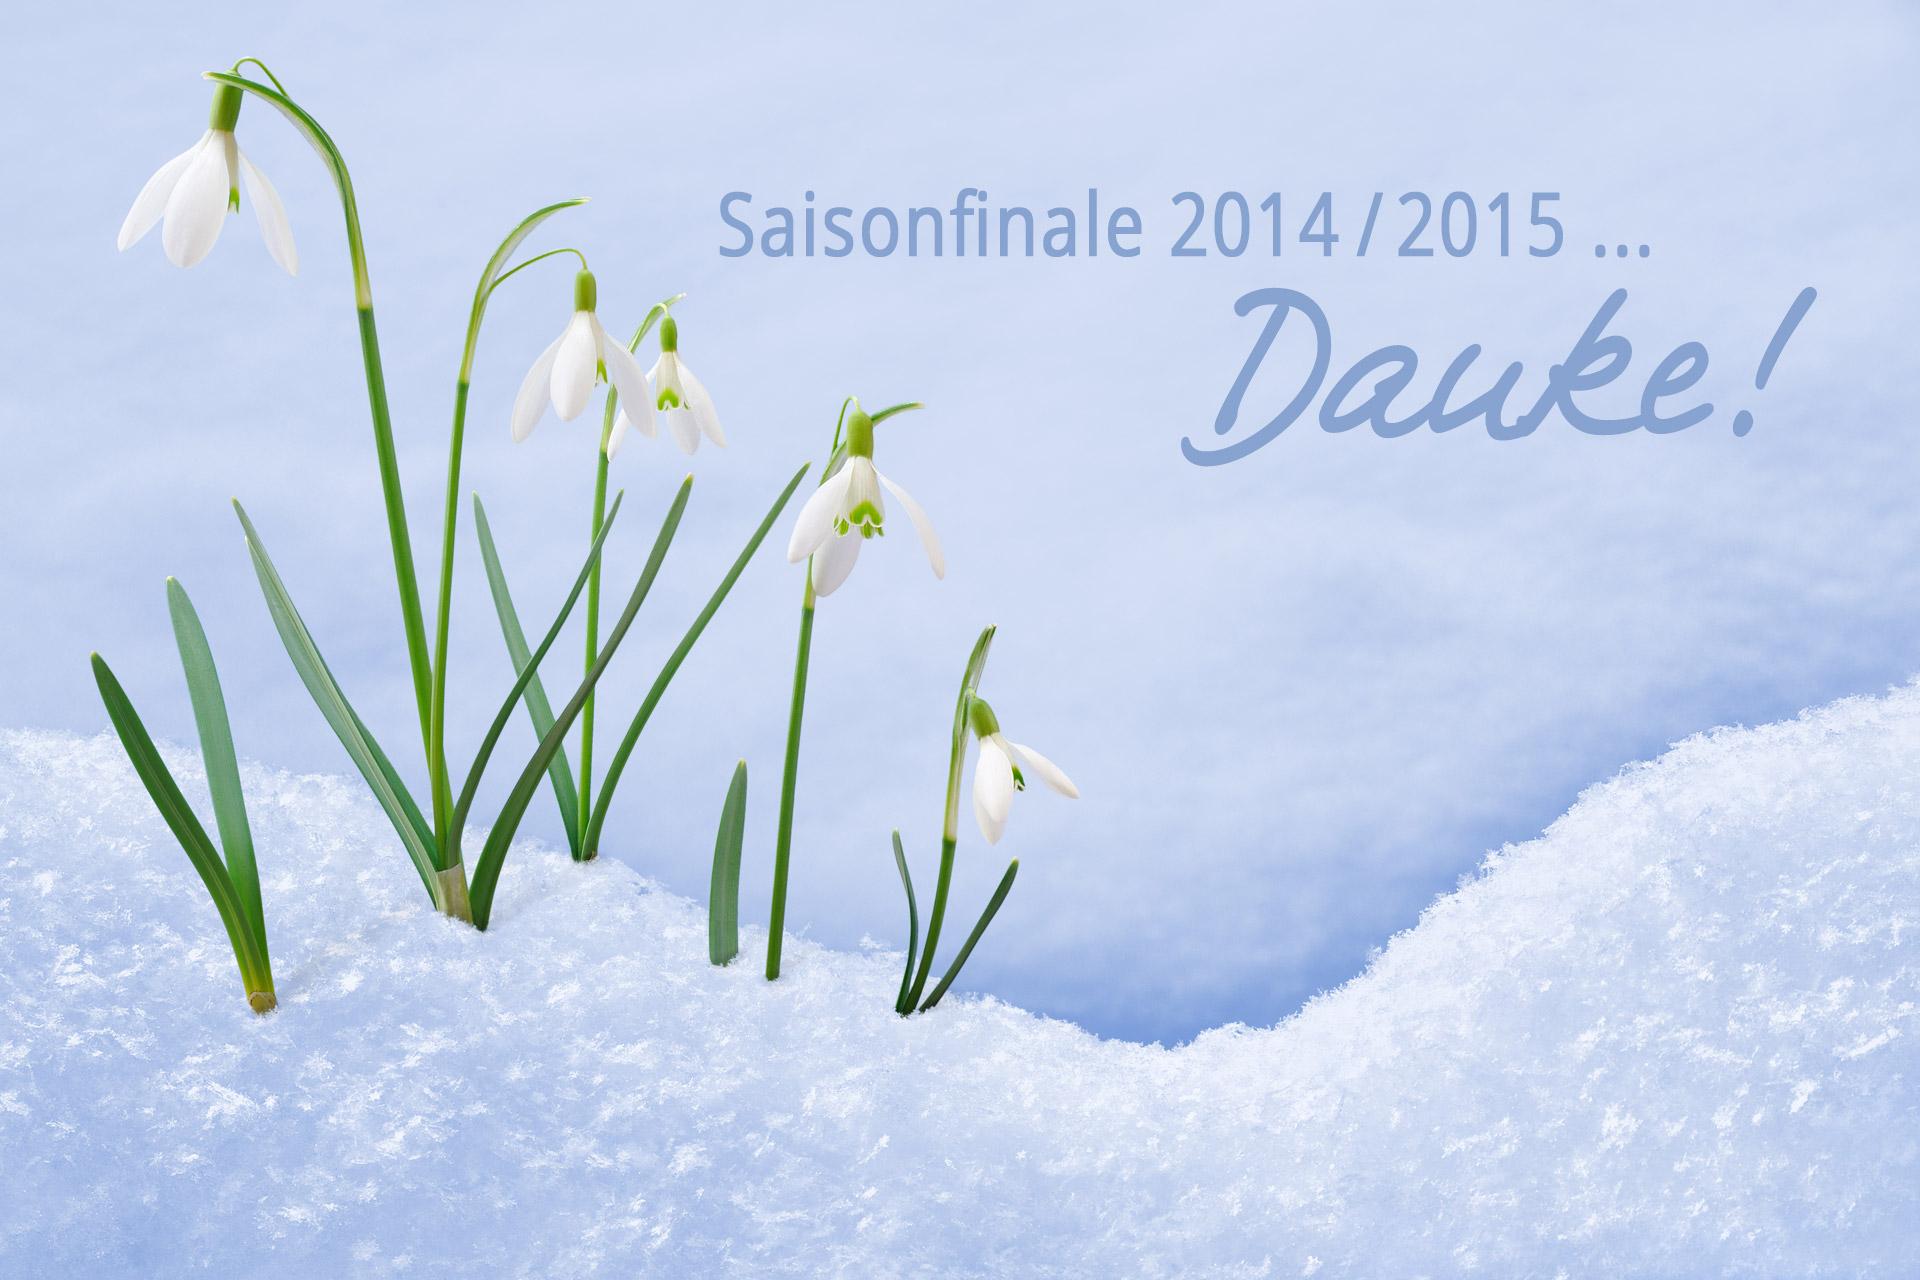 Saisonfinale 2015